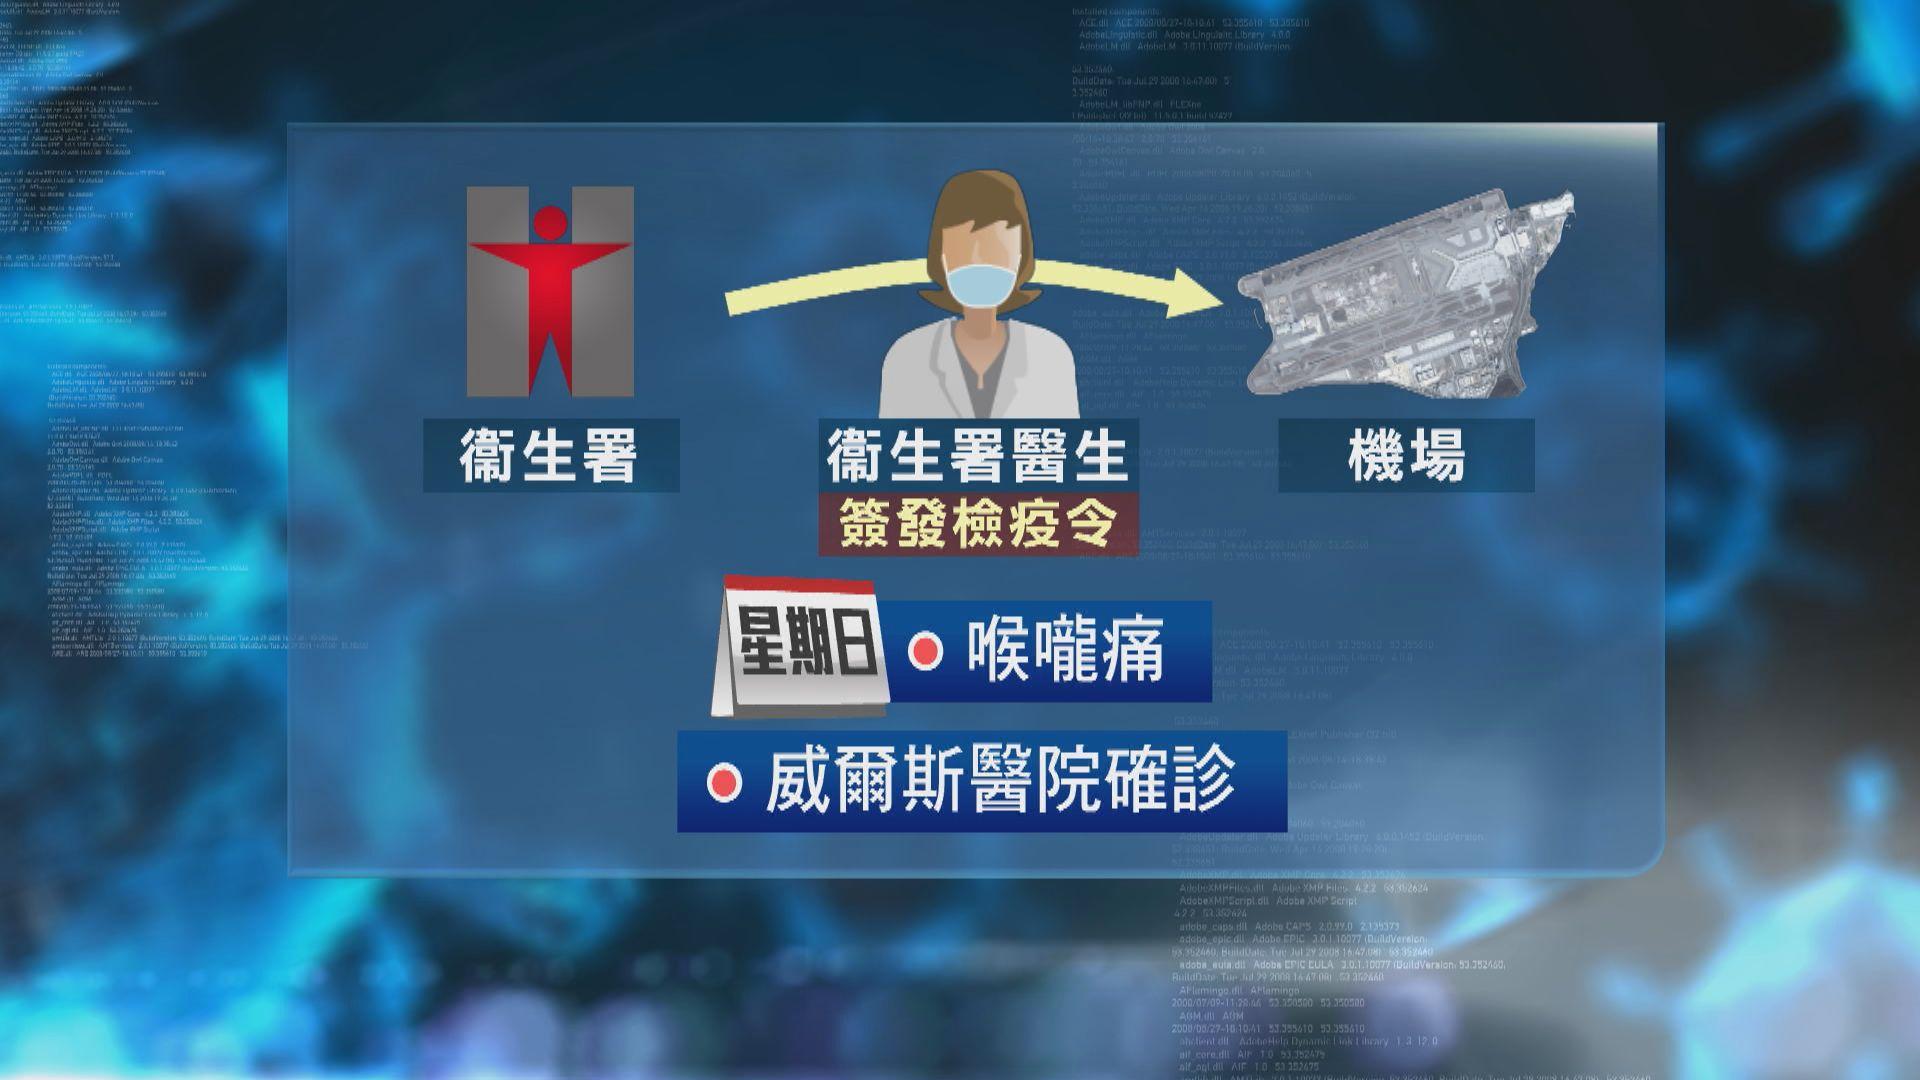 本港新增39宗確診 包括曾負責機場檢疫的衞生署醫生